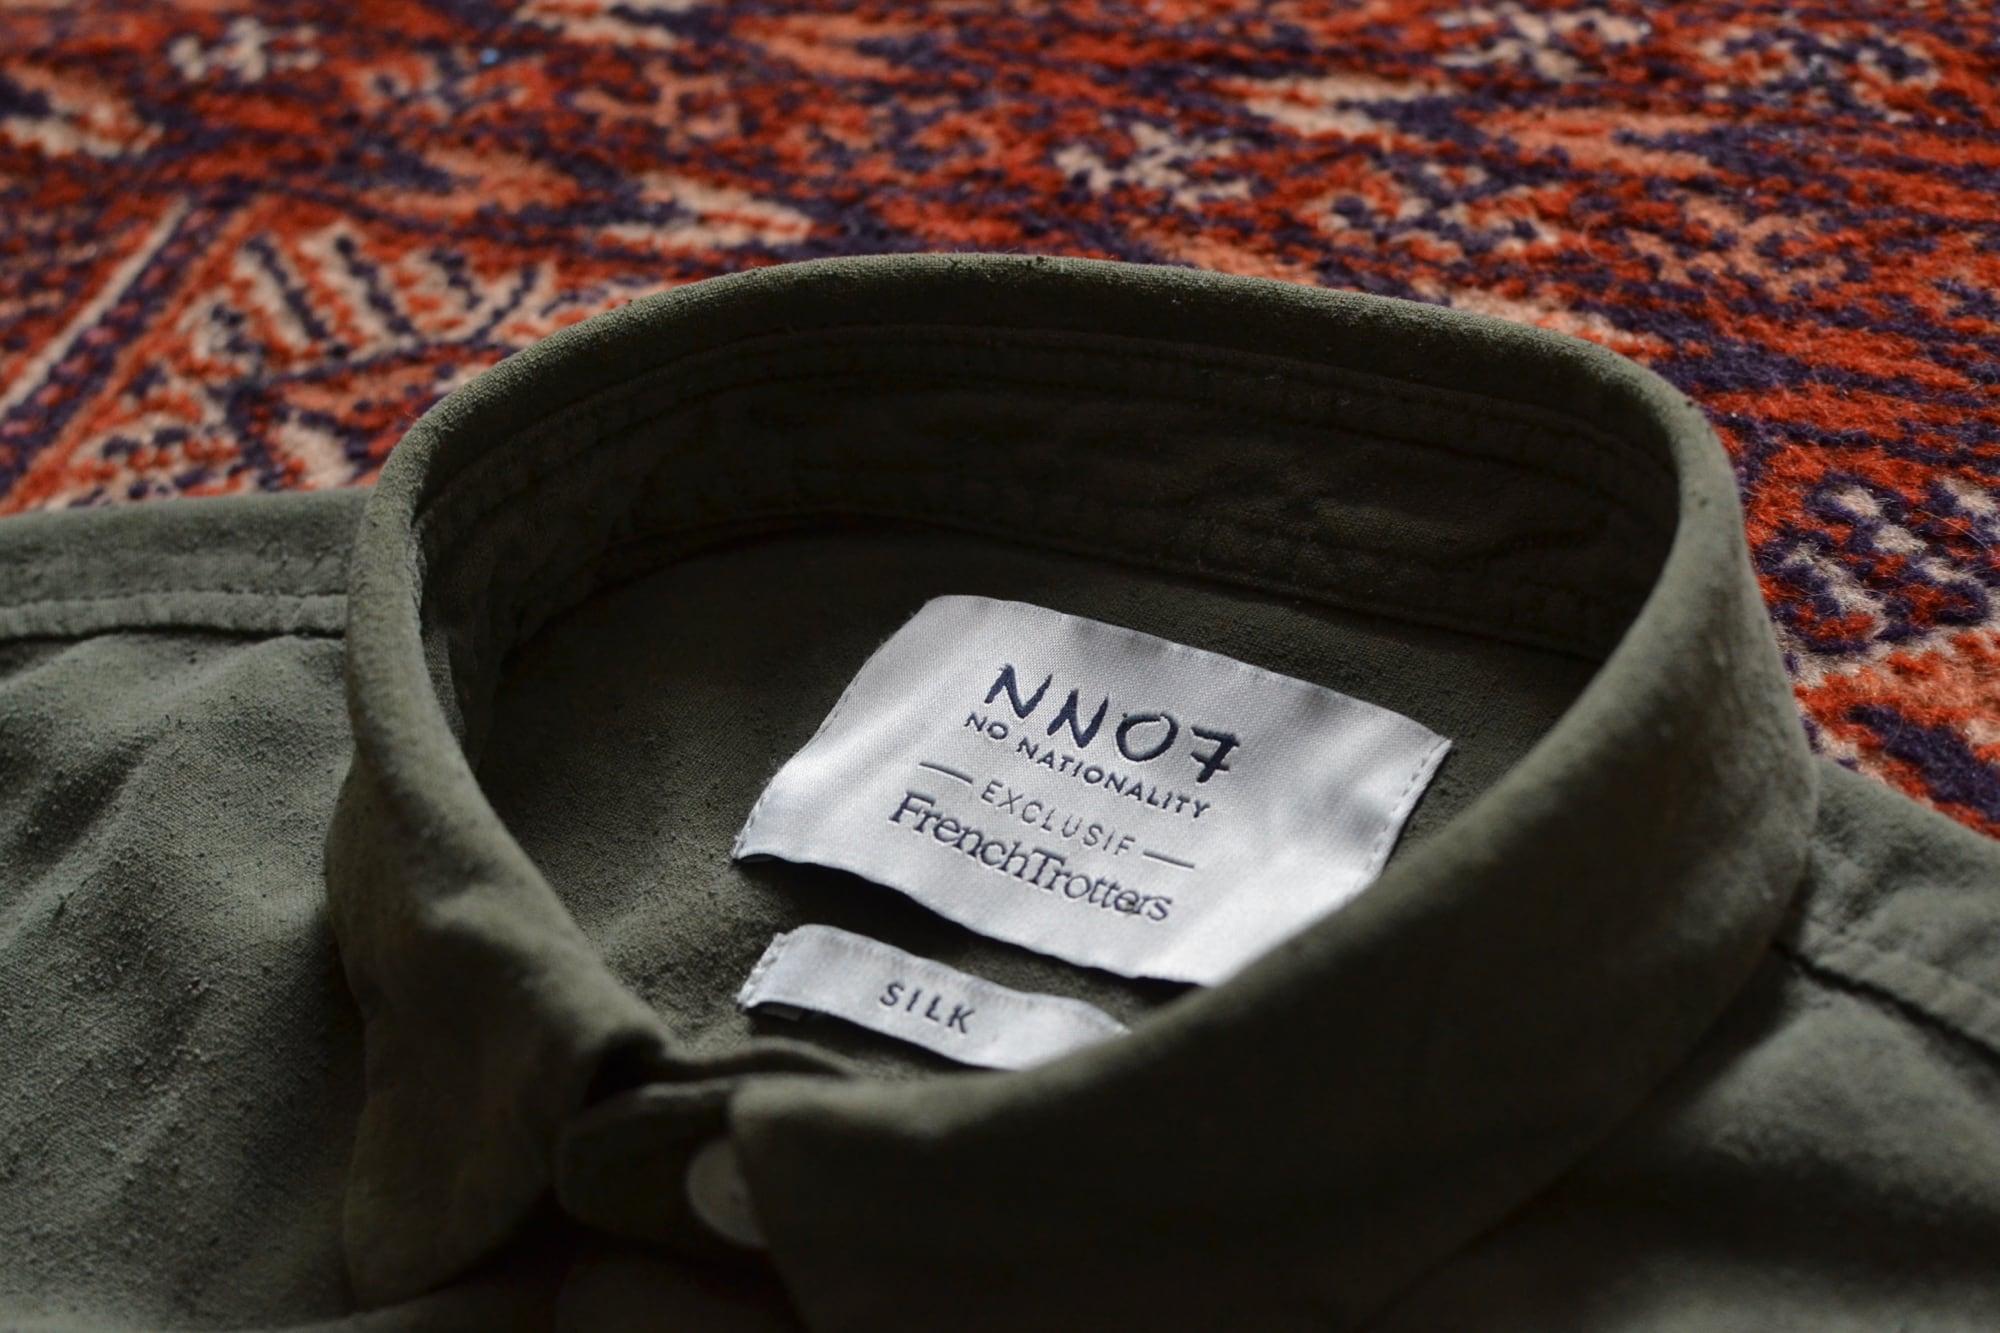 La marque Nordique NN 07 sort une collection Exclusive pour le magasin parisien FrenchTrotters